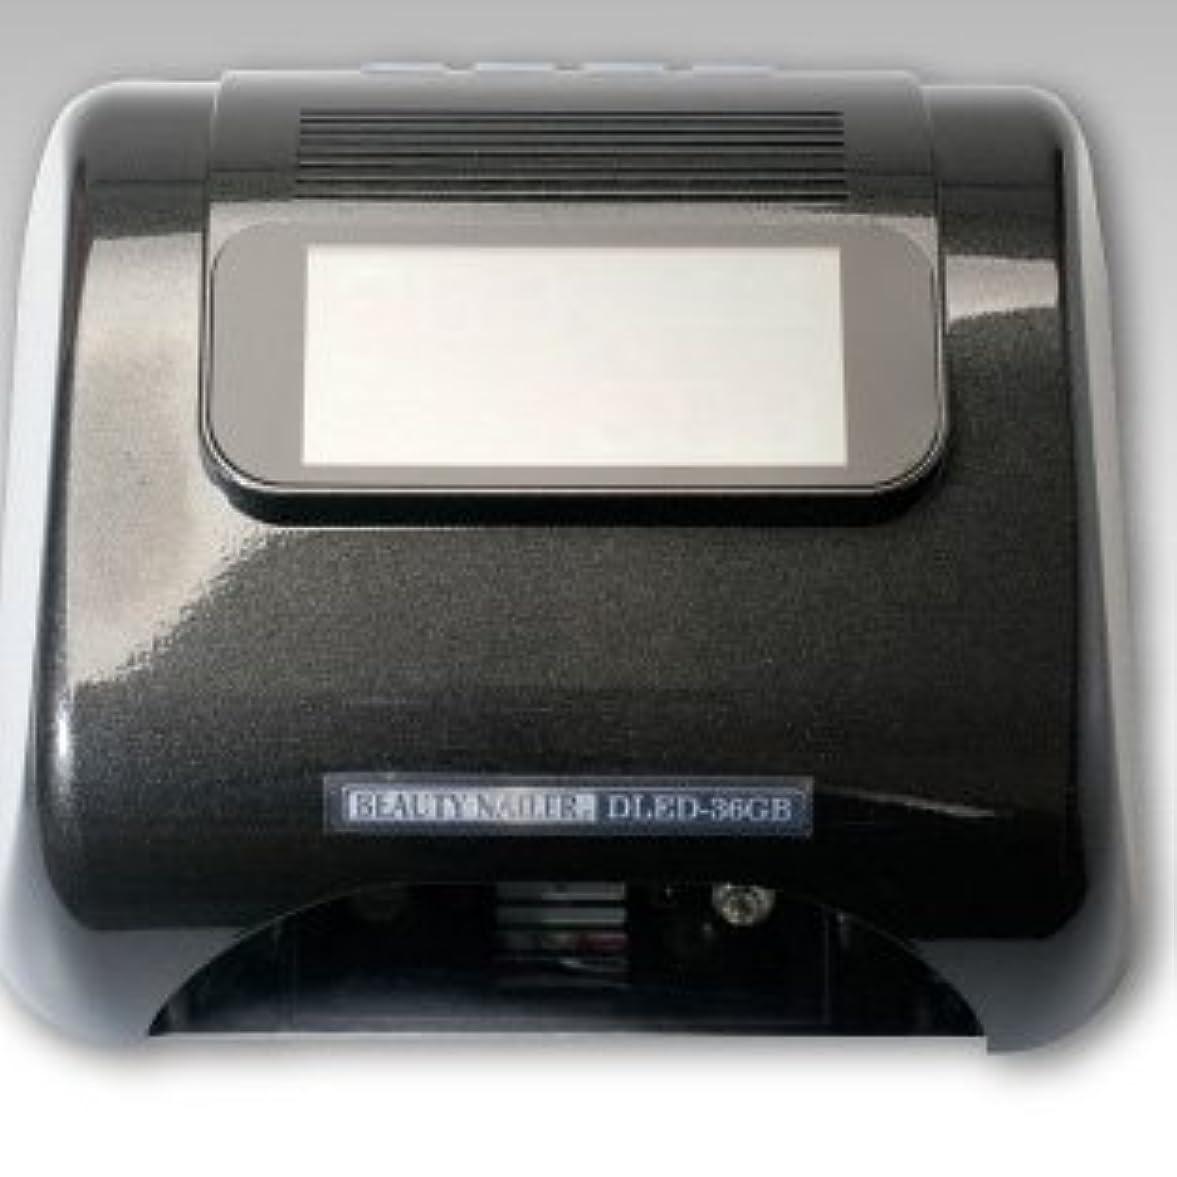 吹きさらしペンフレンド束ねるデジタル LEDライト DLED-36GB ムラキビューティネイラー